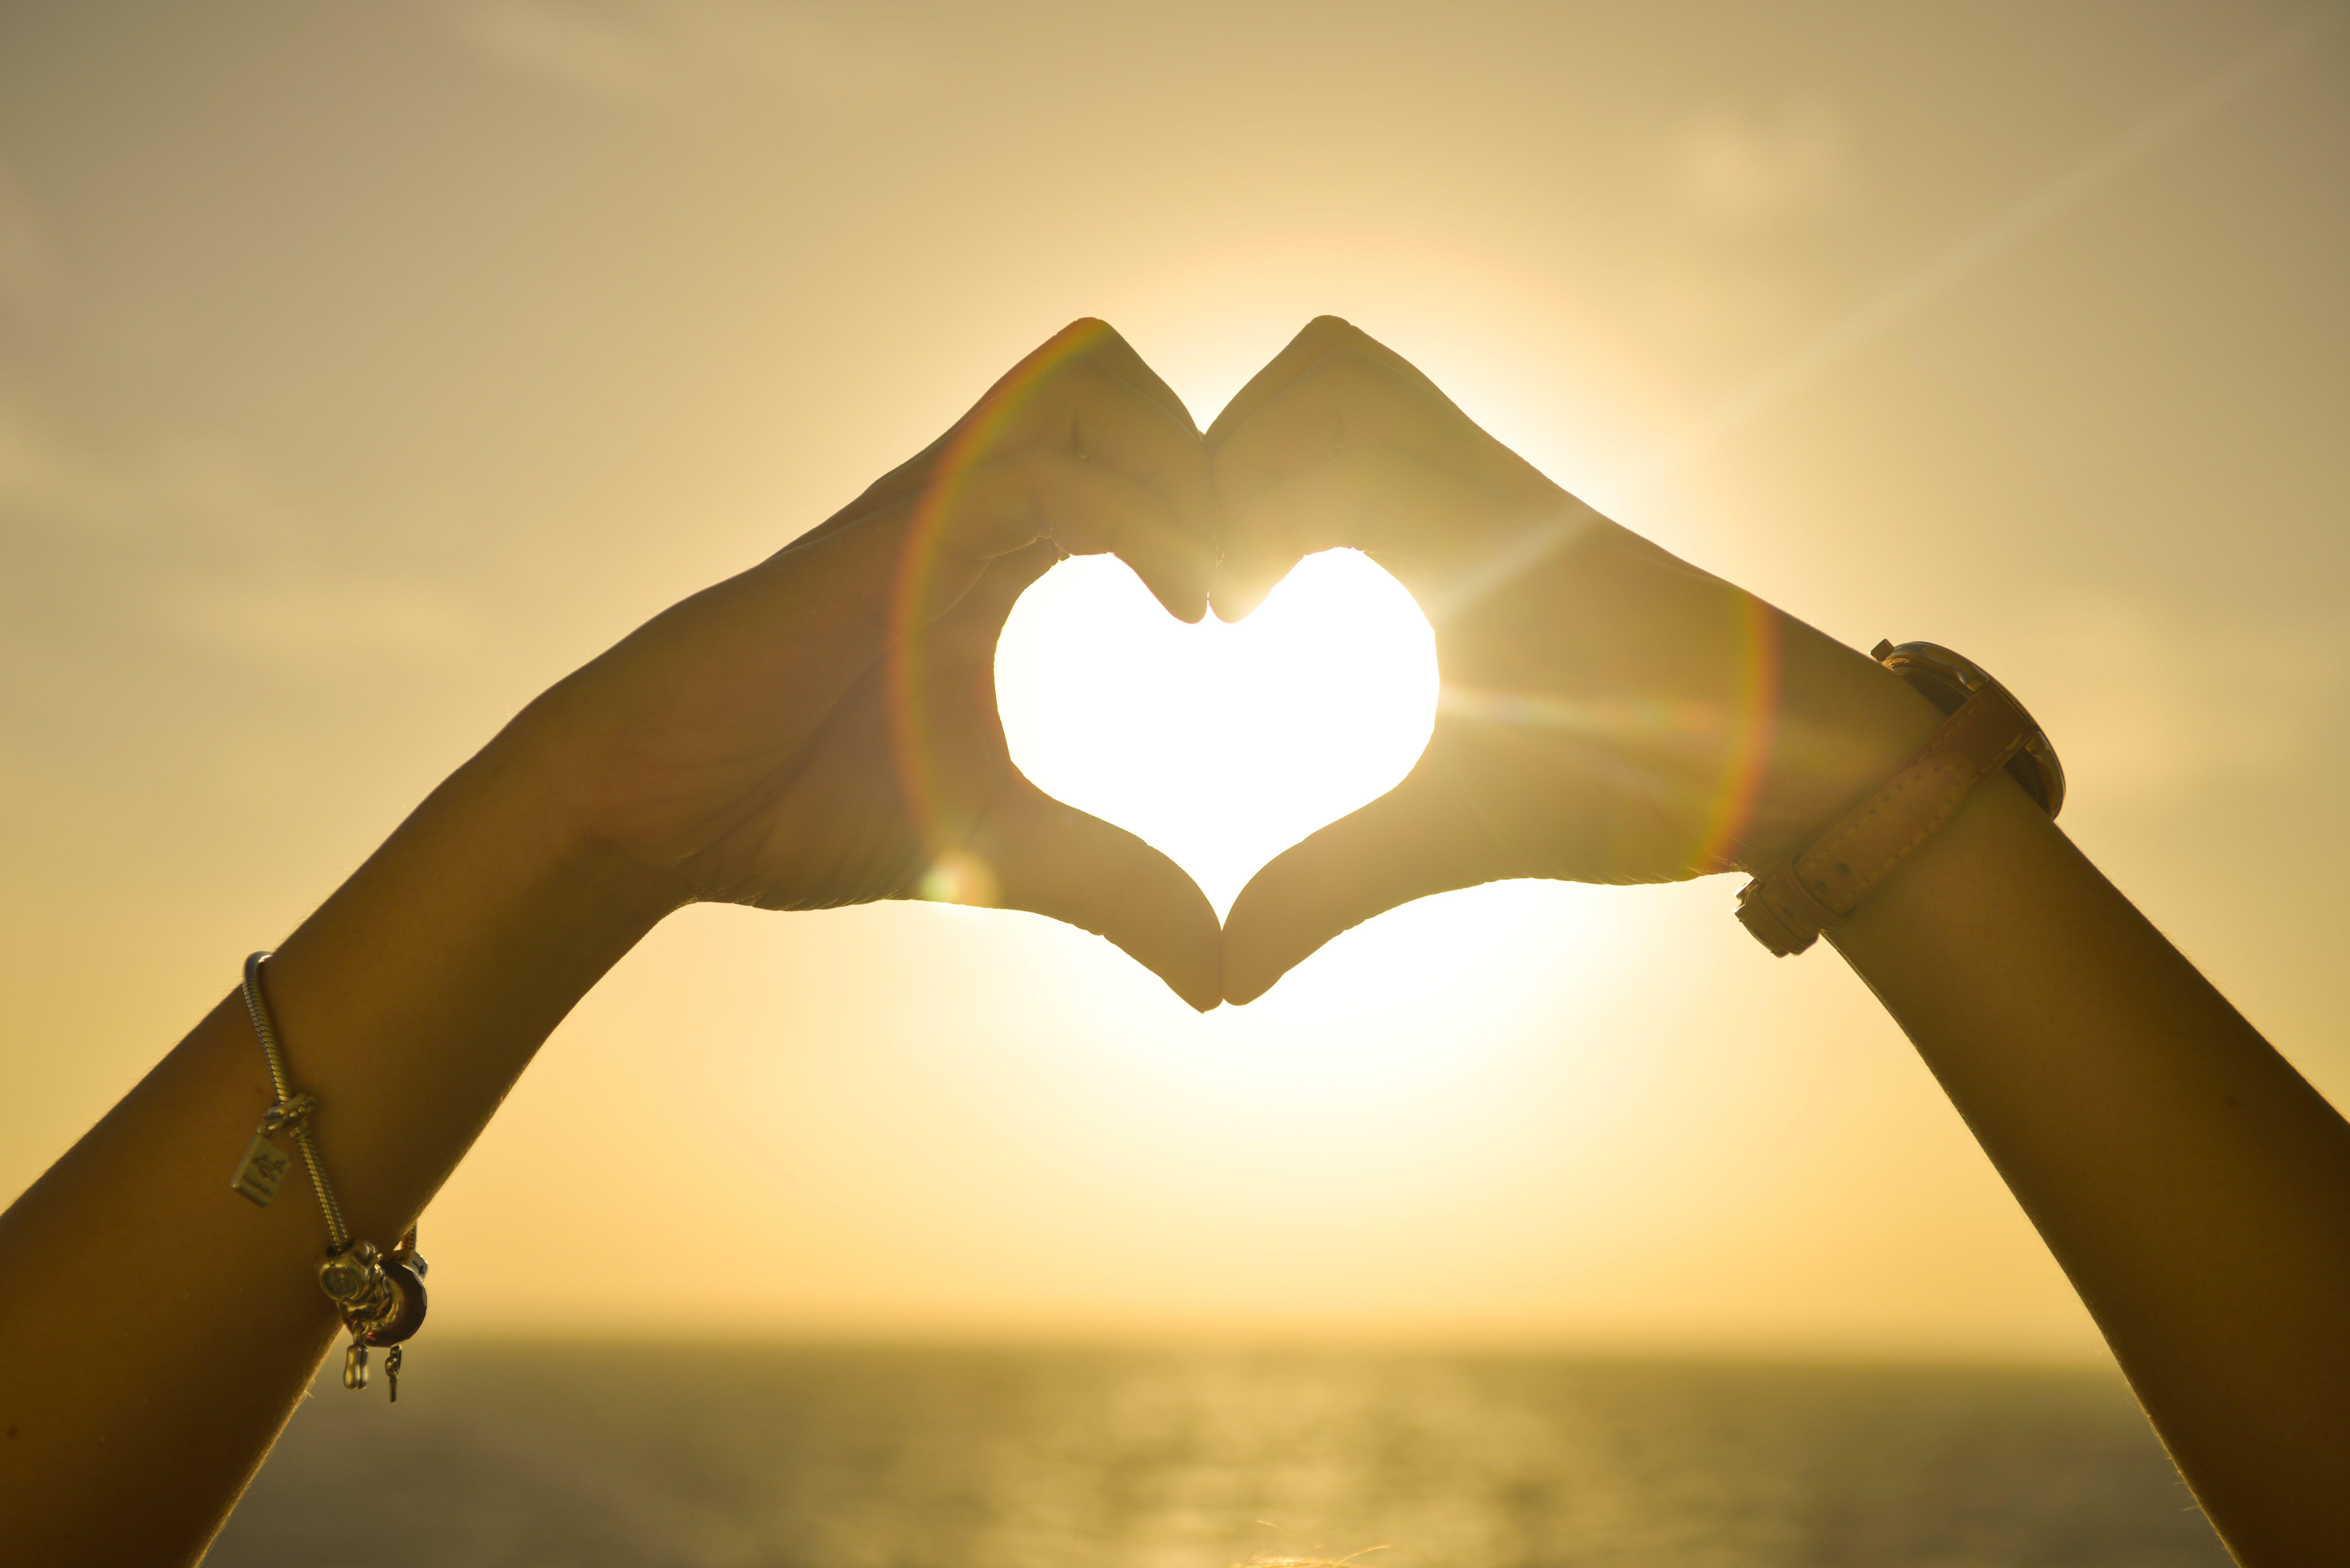 ความรัก, ความเมตตา, ความใจดี